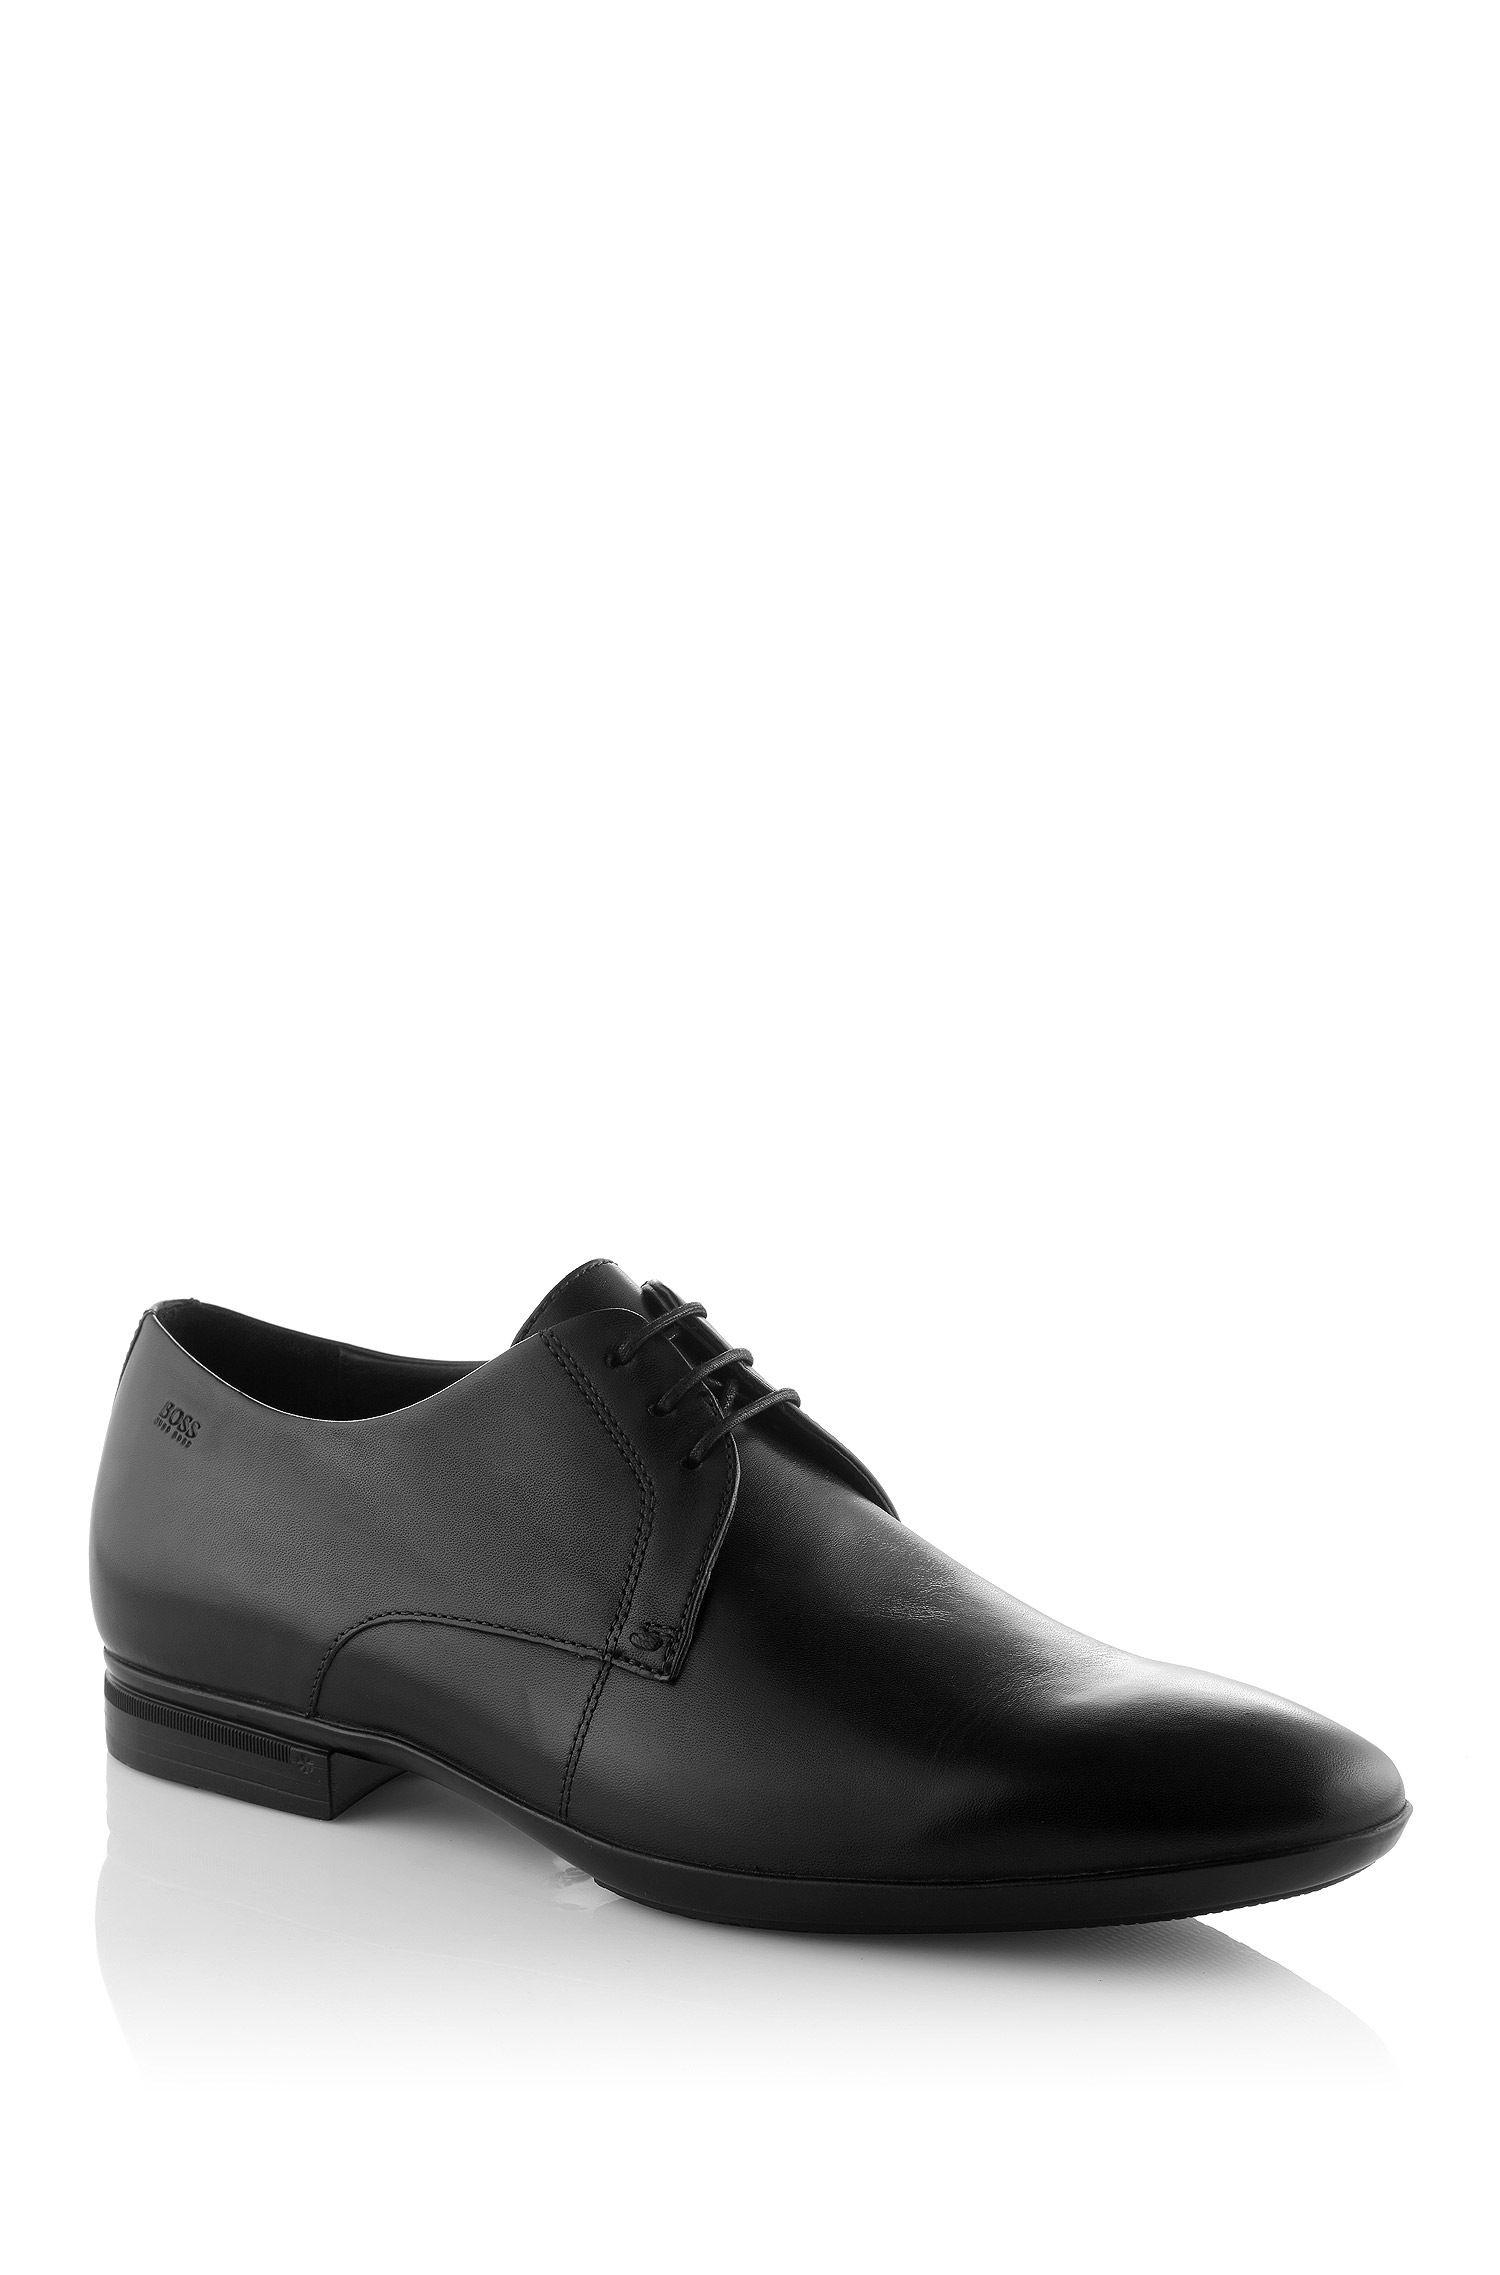 BOSS Zapatos con cordones 'SANNO' en piel curtida Negro free shipping